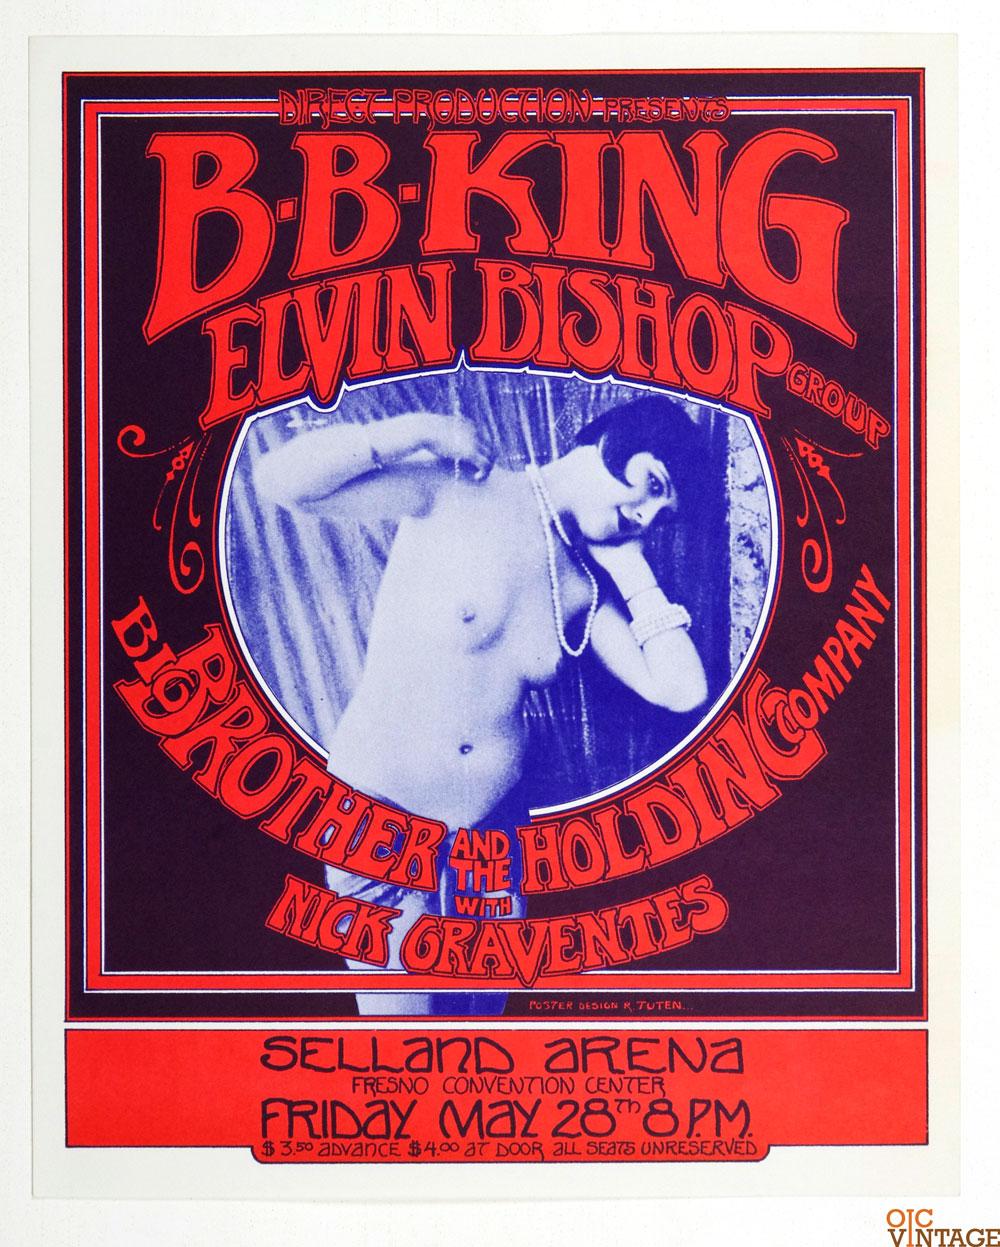 B.B. King Elvin Bishop Poster 1971 May 28 Selland Arena Fresno Randy Tuten